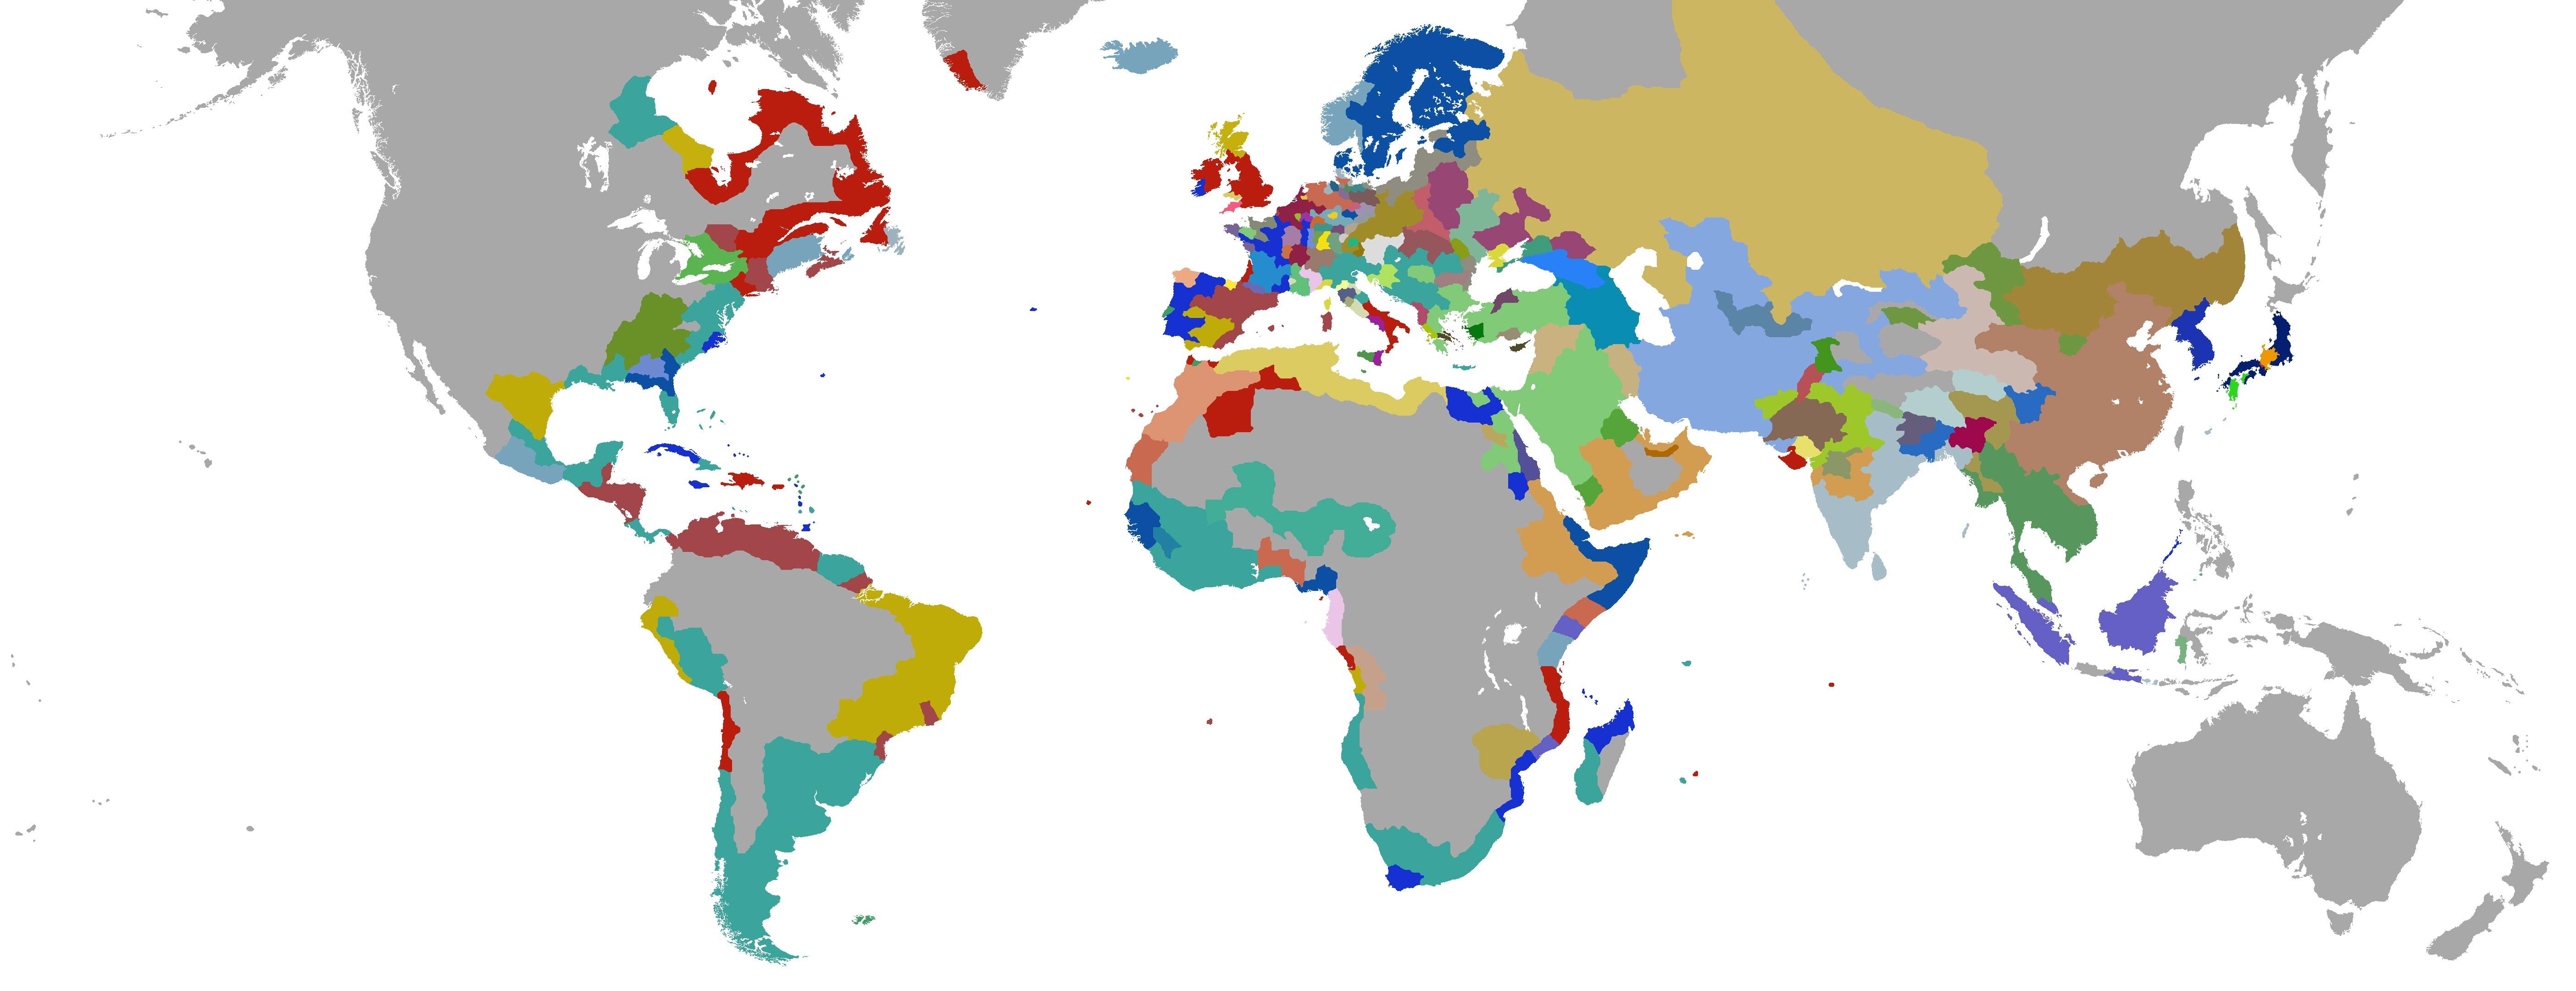 EU3_MAP_VEN_1599.5.2_1.jpg